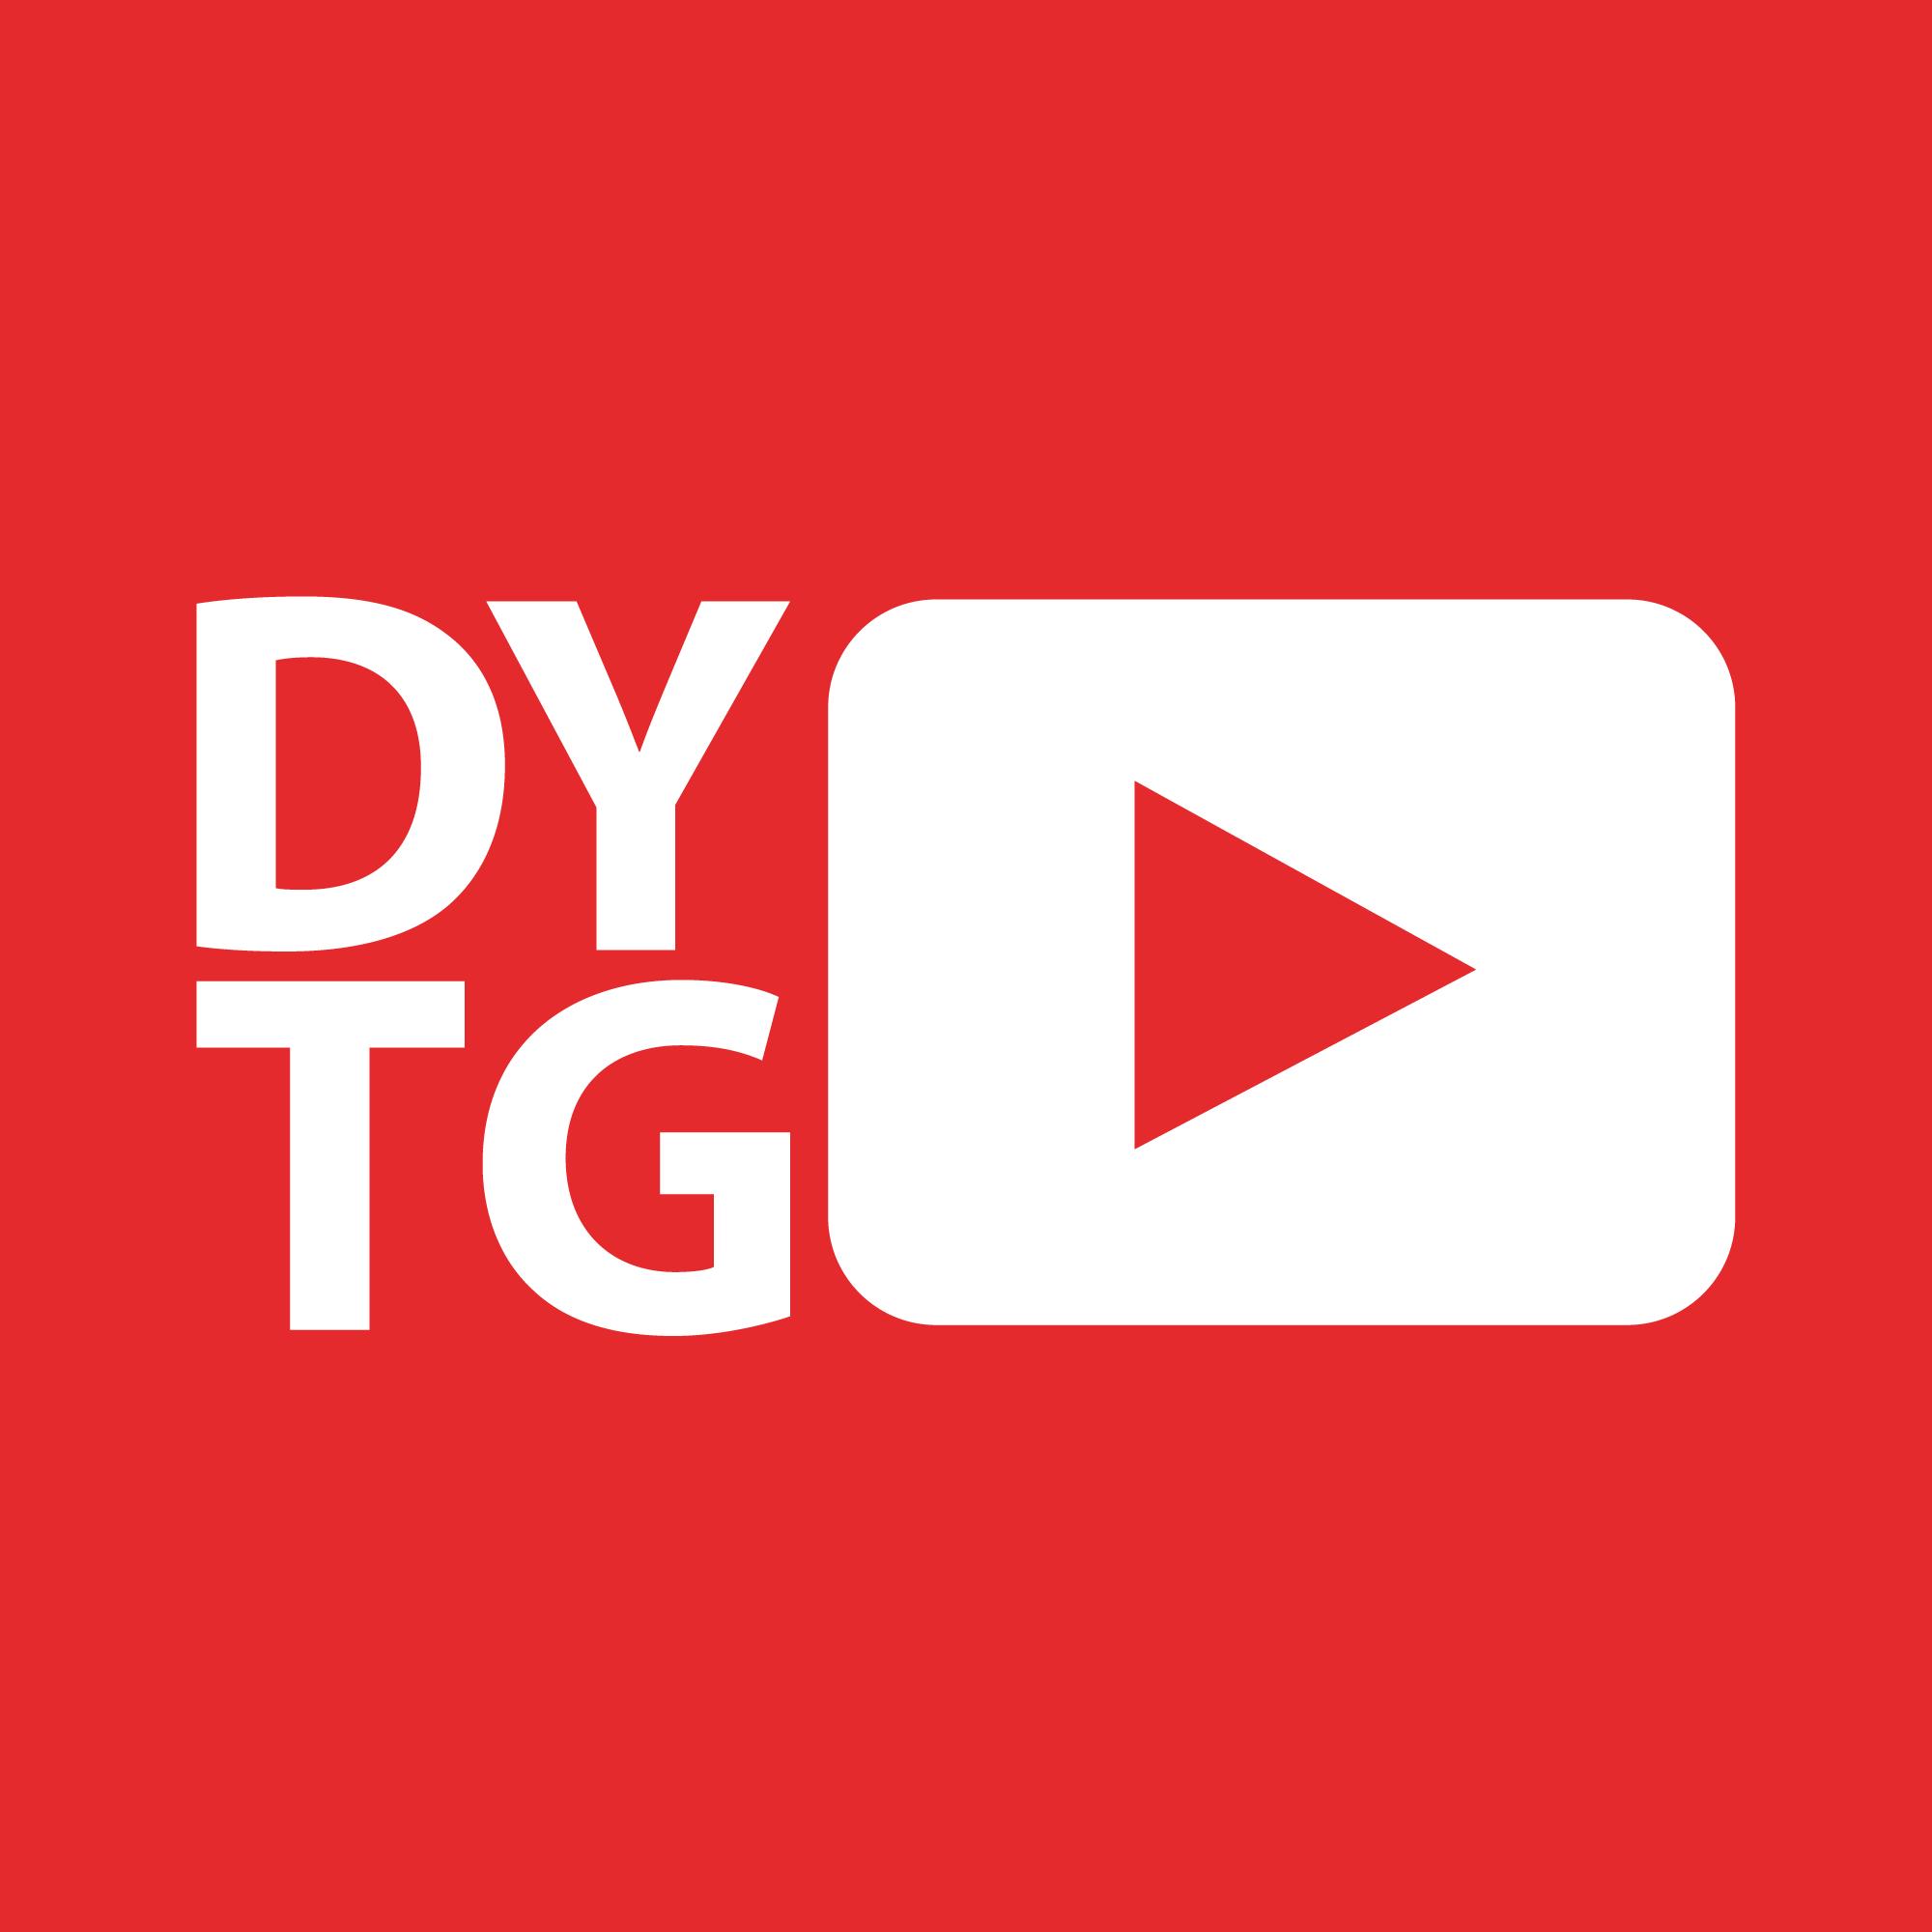 #DYTG2021, 17 Juli 2020, Brabanthallen, Den Bosch